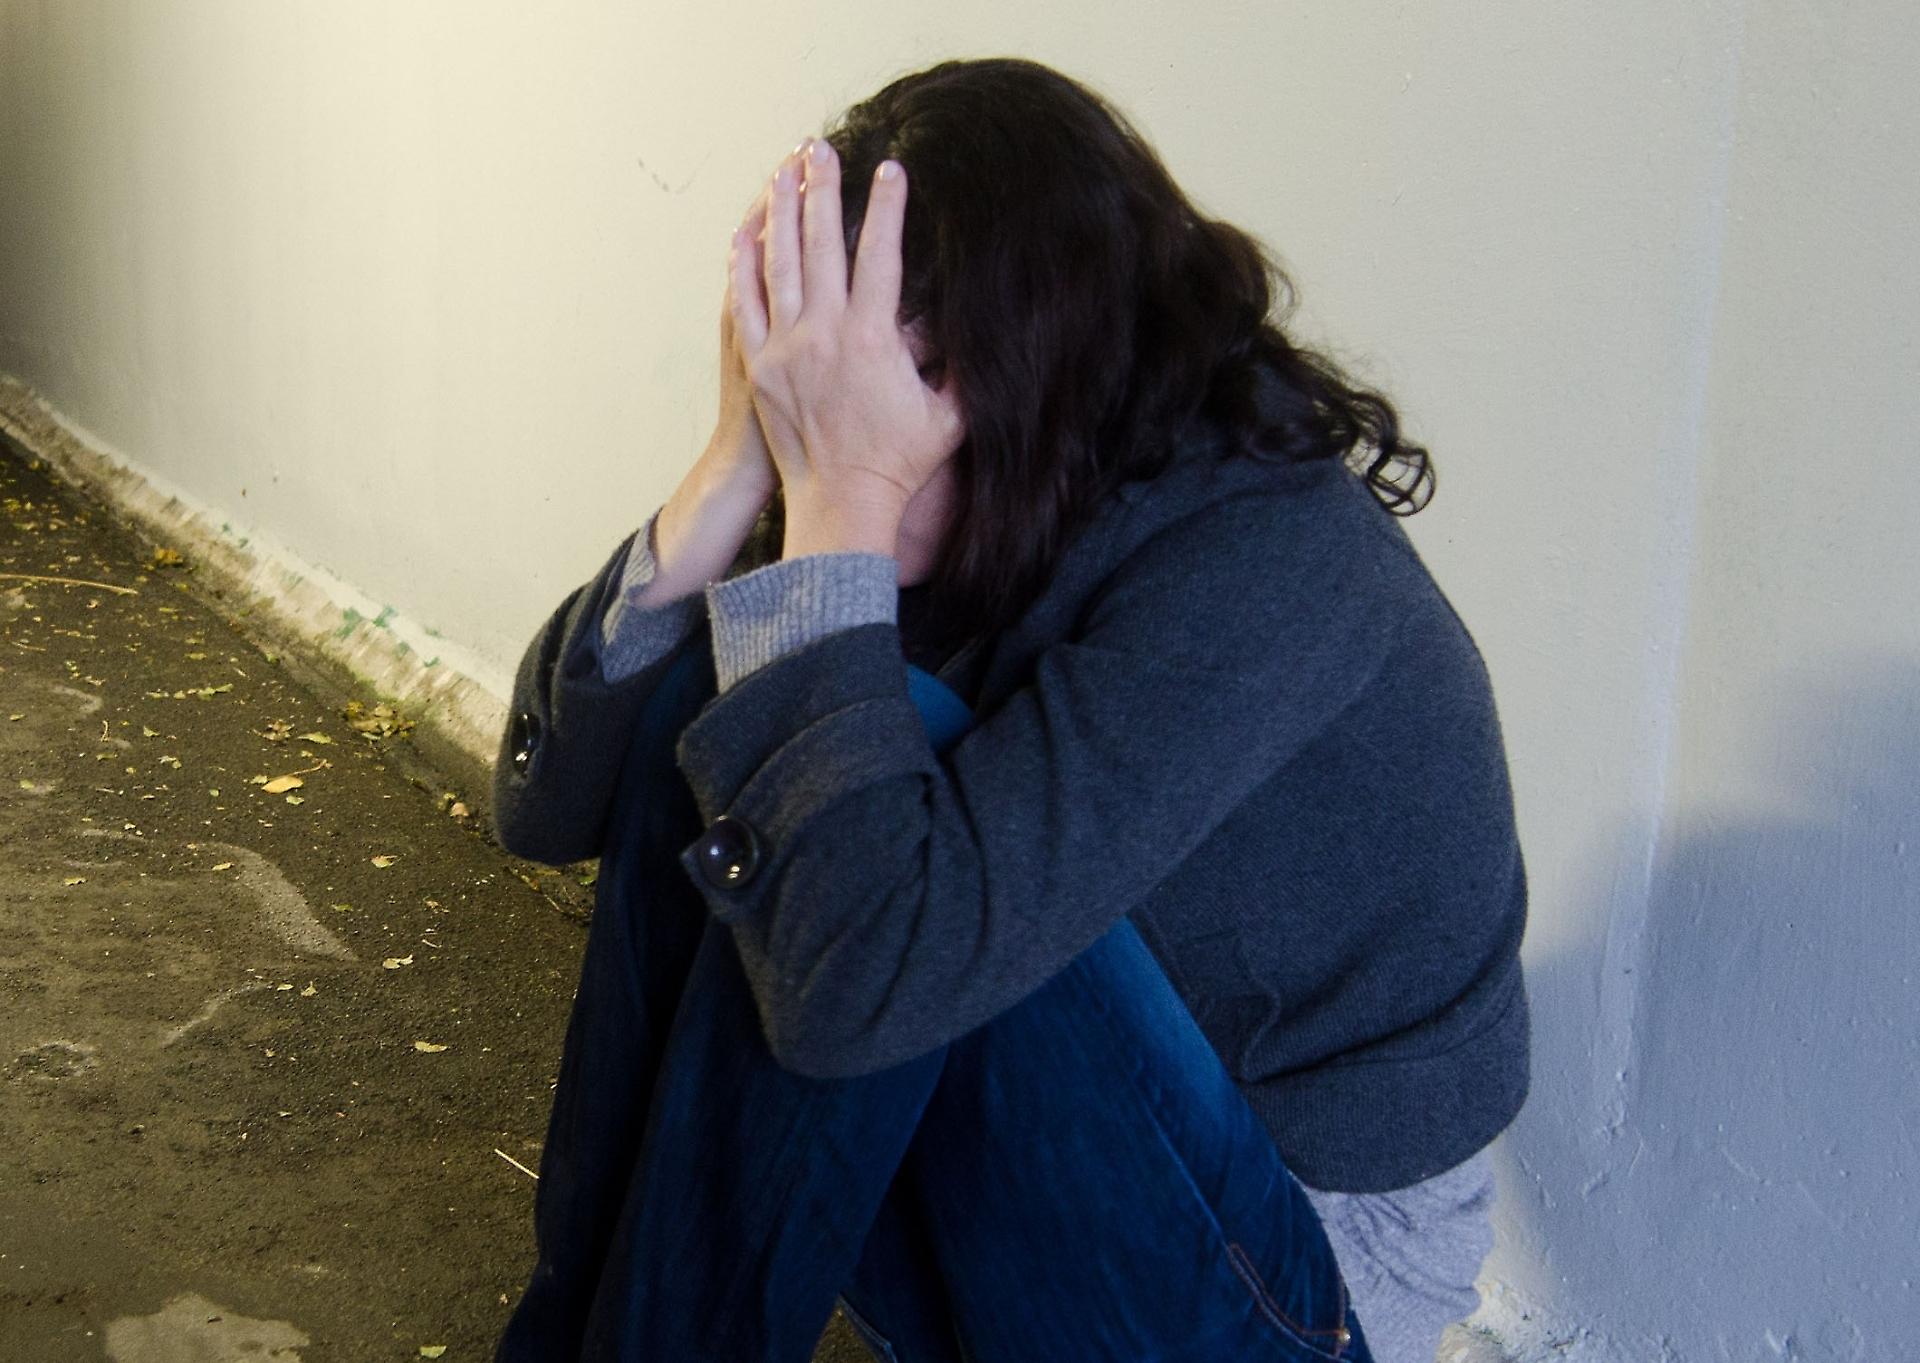 Stupro in treno a Bologna: la denuncia di una 17enne